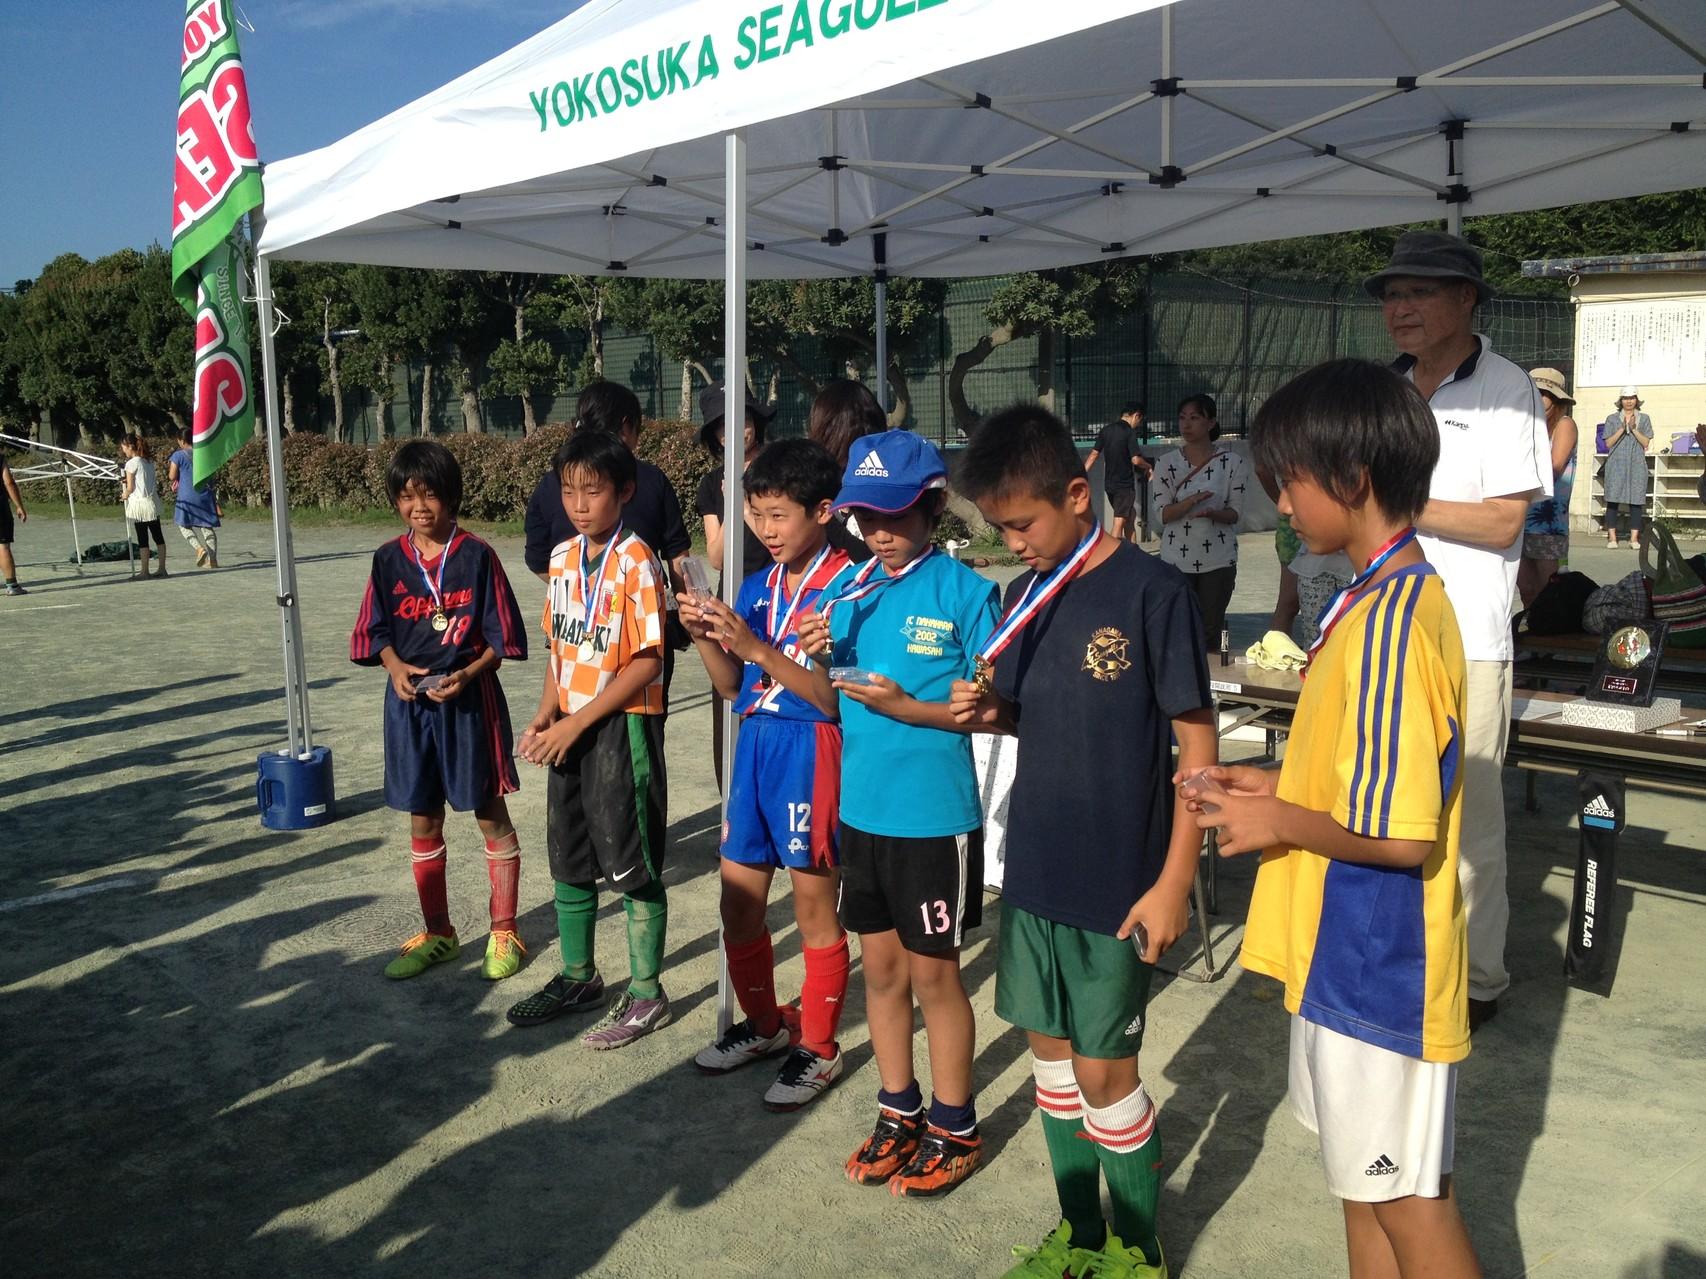 かもめ杯 U-12(6年生) 優秀選手賞